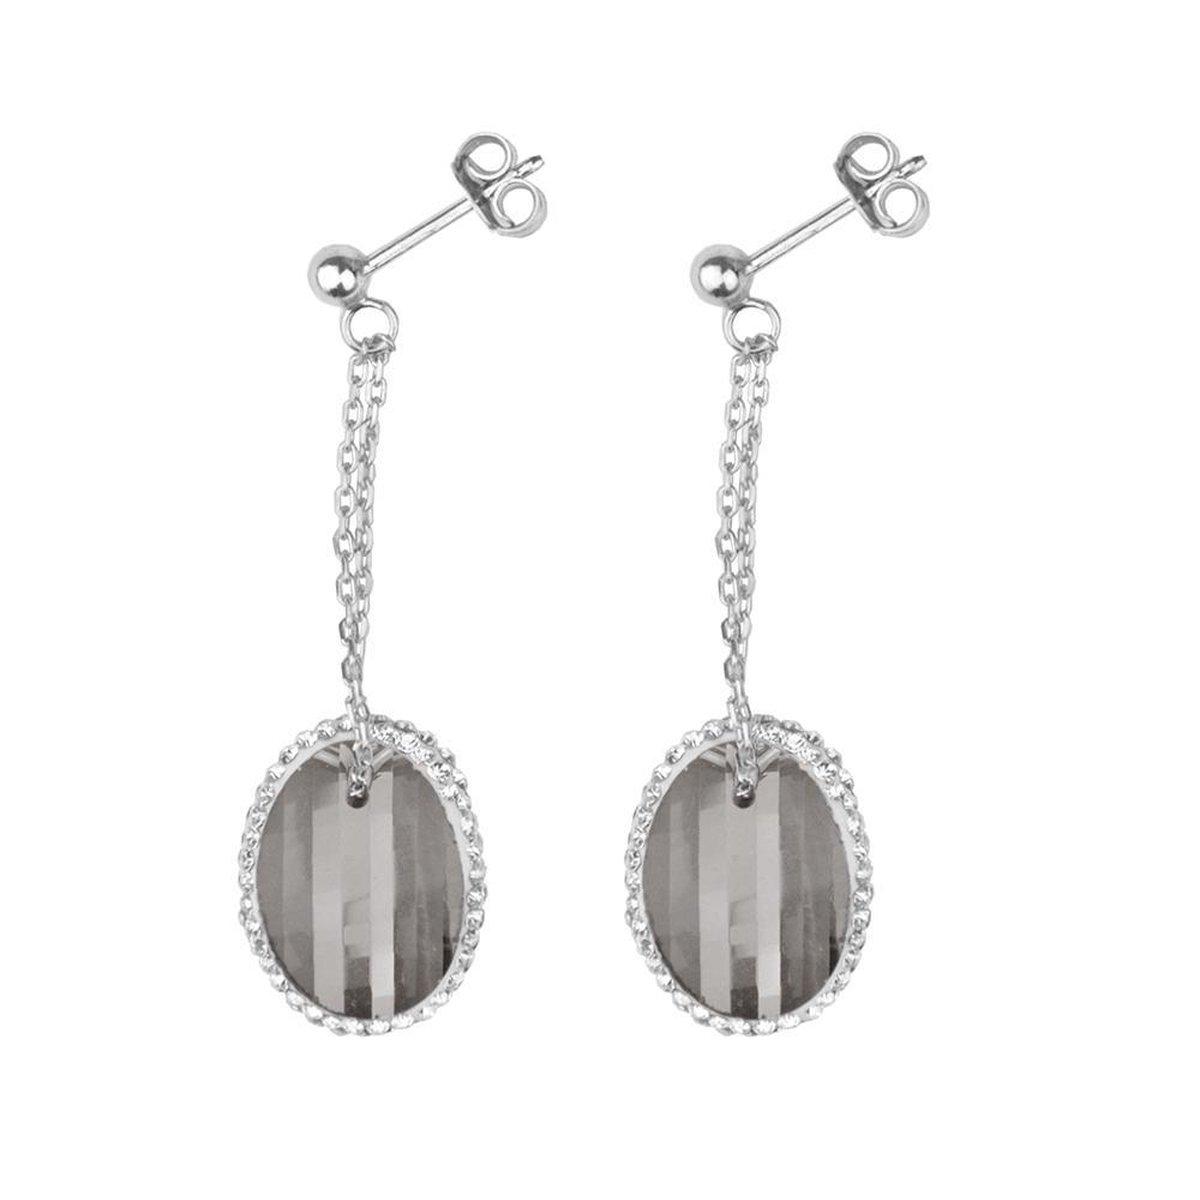 Silventi 921182872 Zilveren Oorstekers met Hanger - Ovaal - Grijs  - 10 x 16 mm - Kristal - Kristal - Zilverkleurig